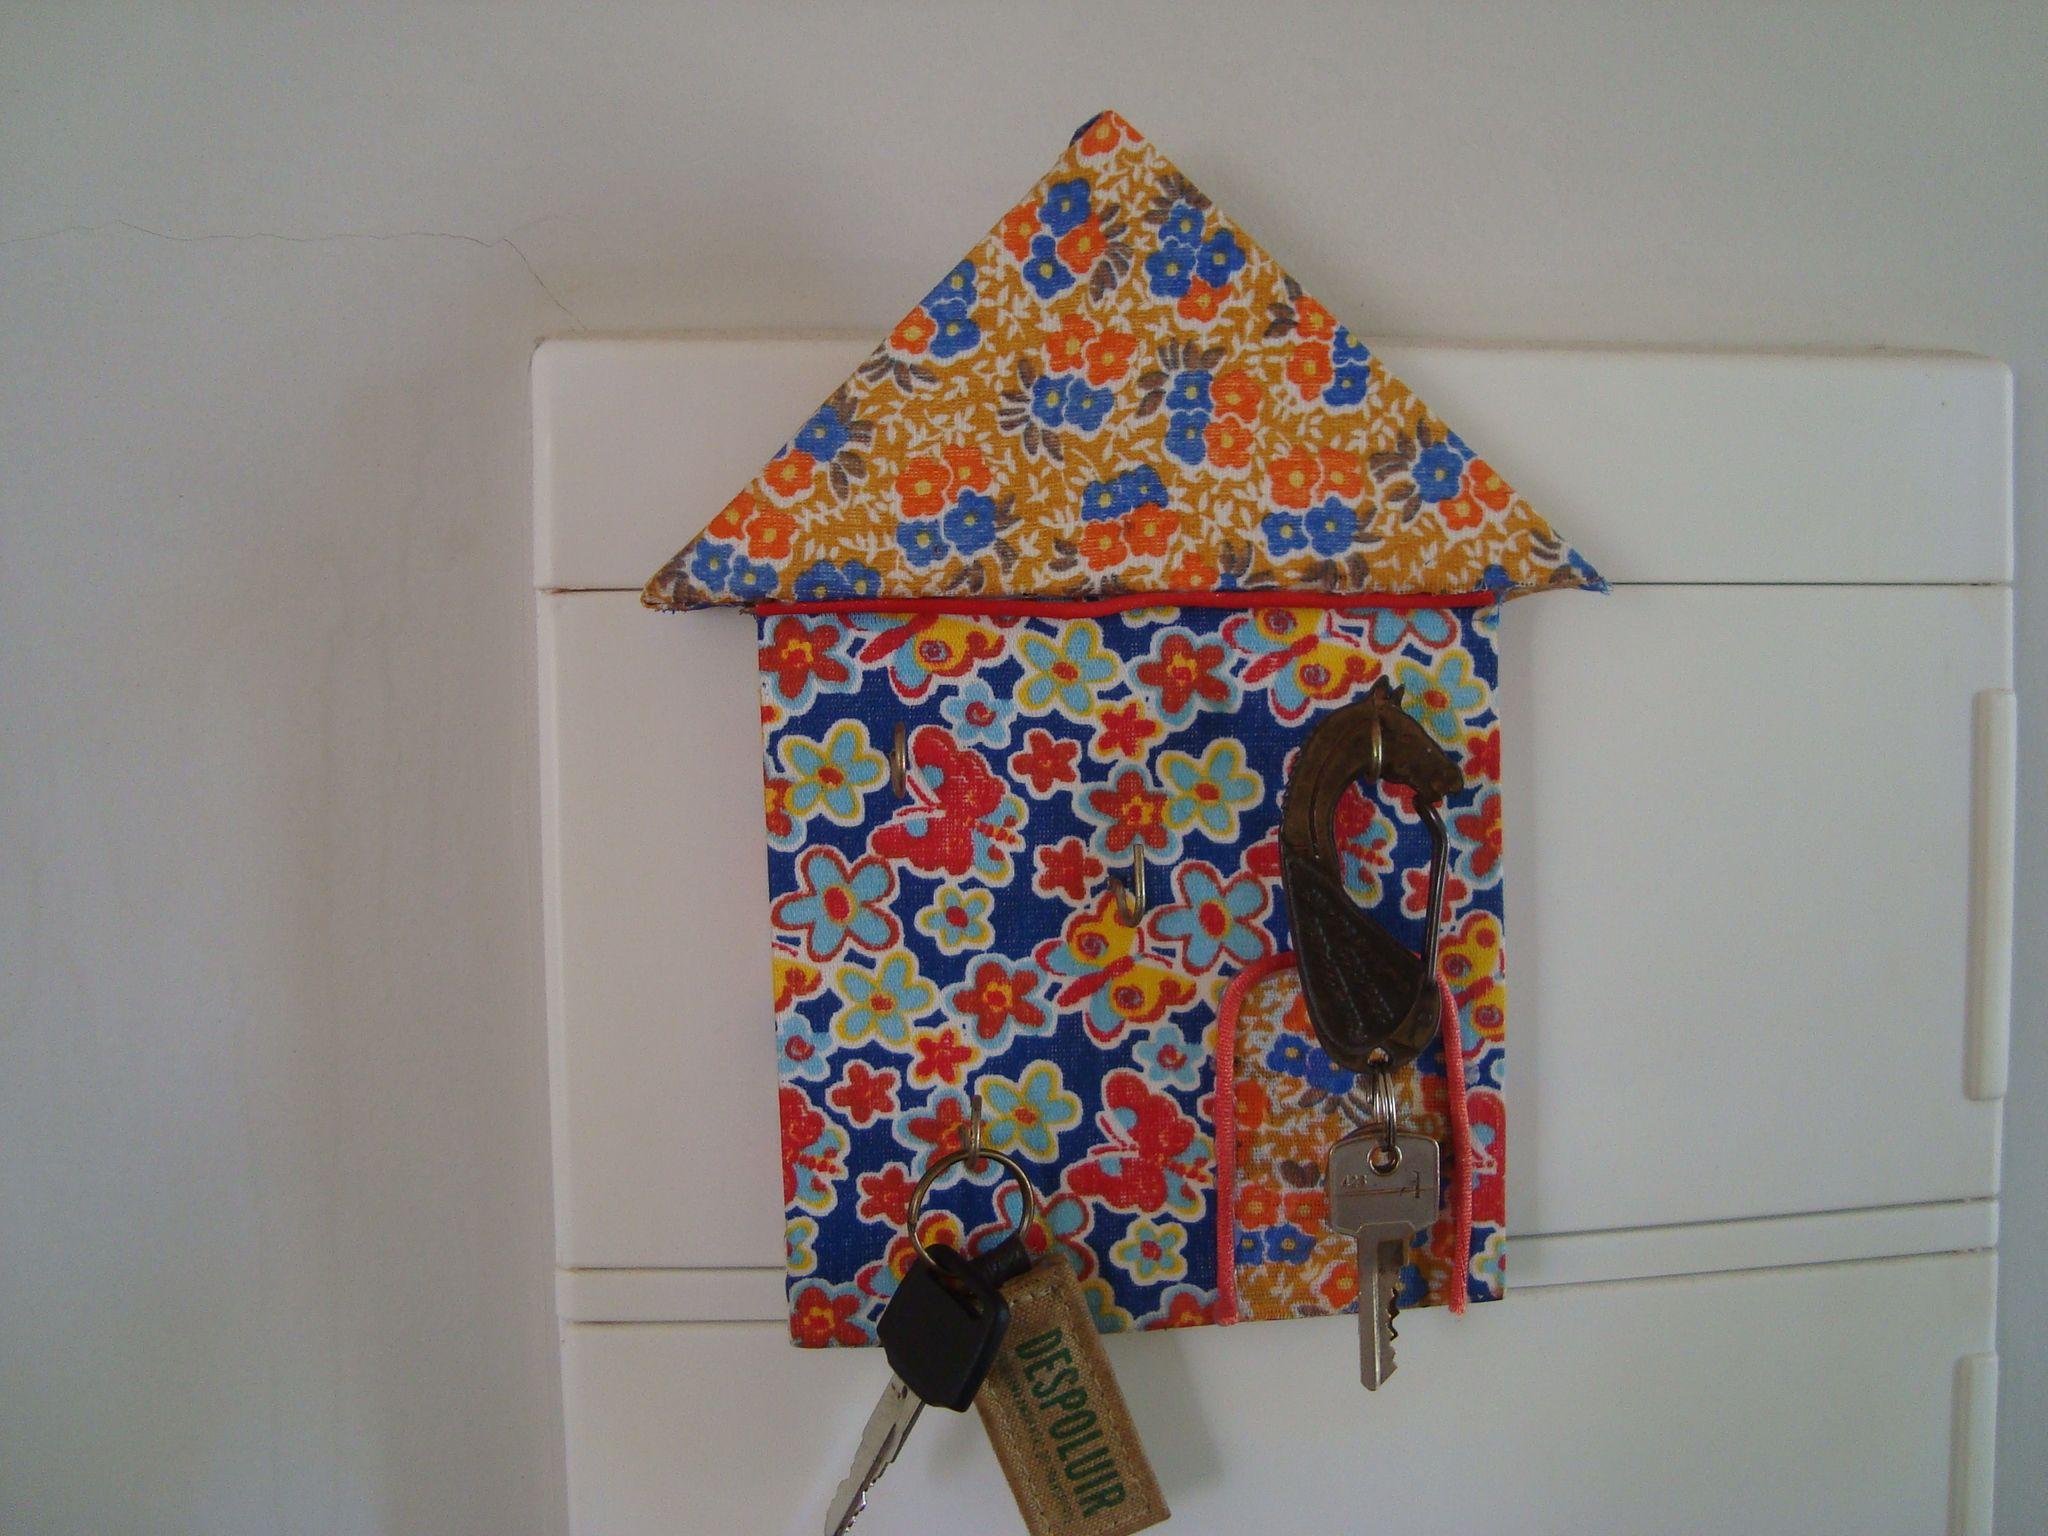 Porta chaves de MDF reciclado e retalhos de tecidos.